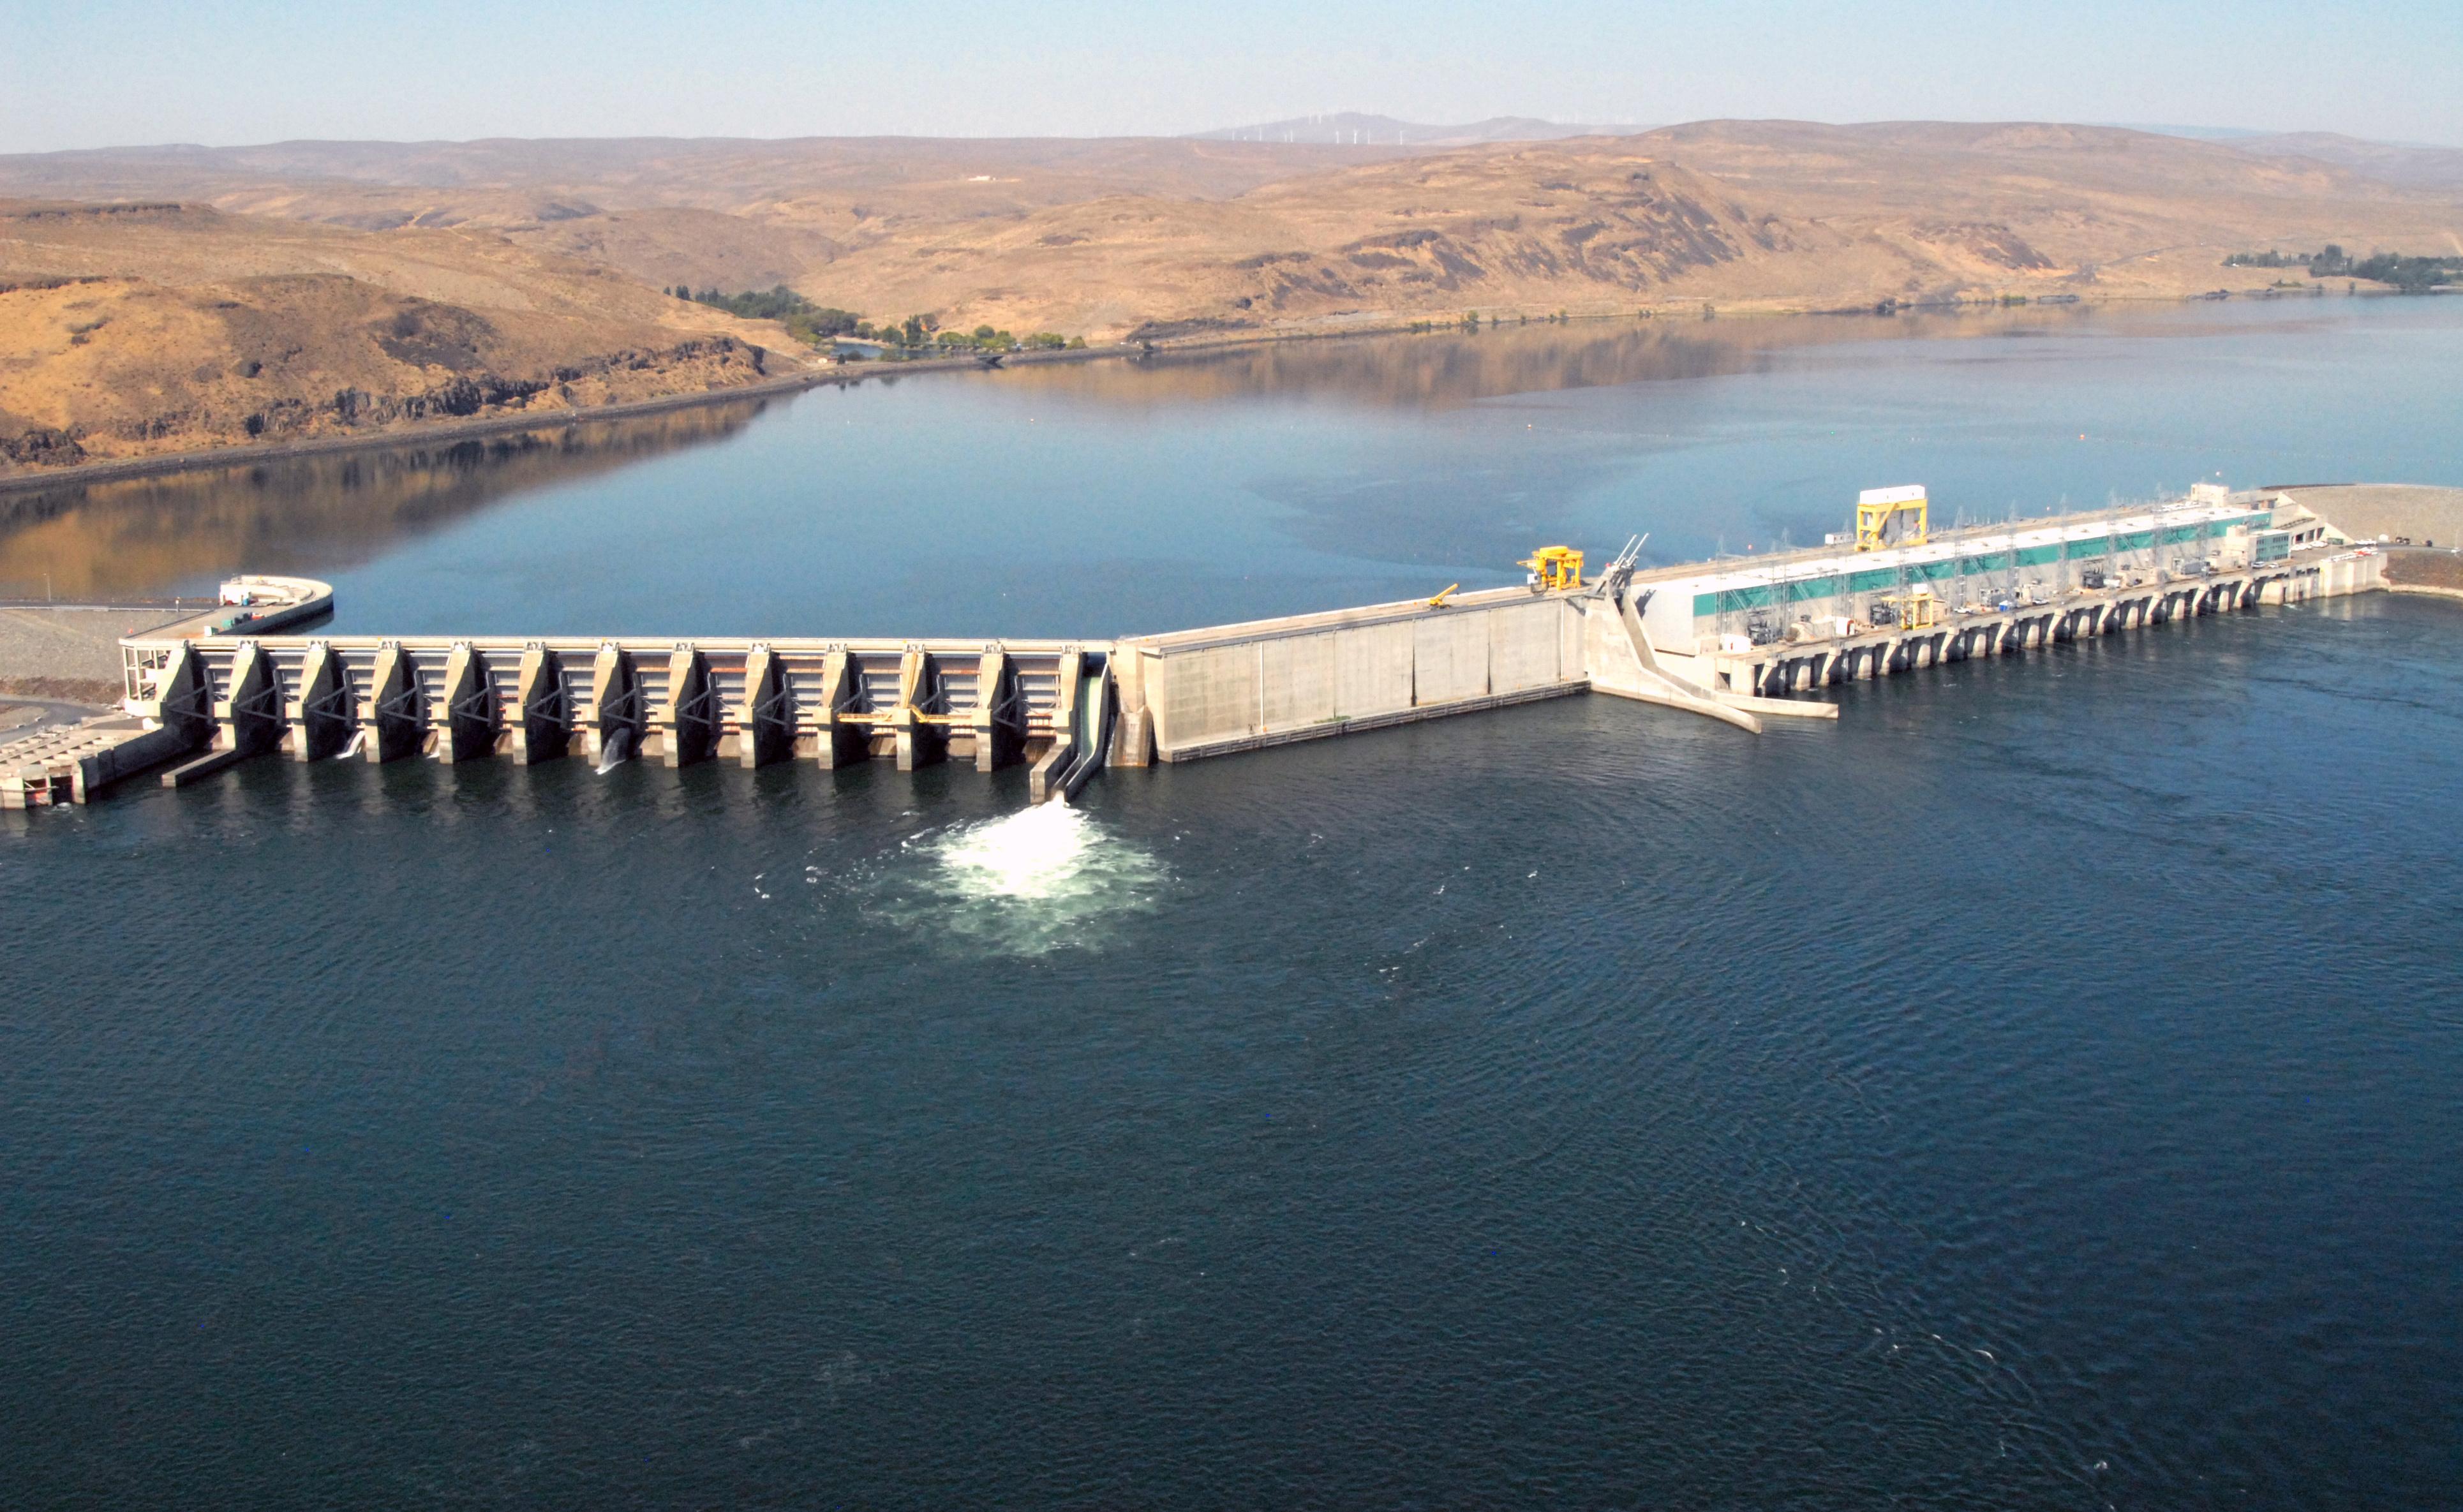 Wanapum Lake Dam Shows The Wanapum Dam on